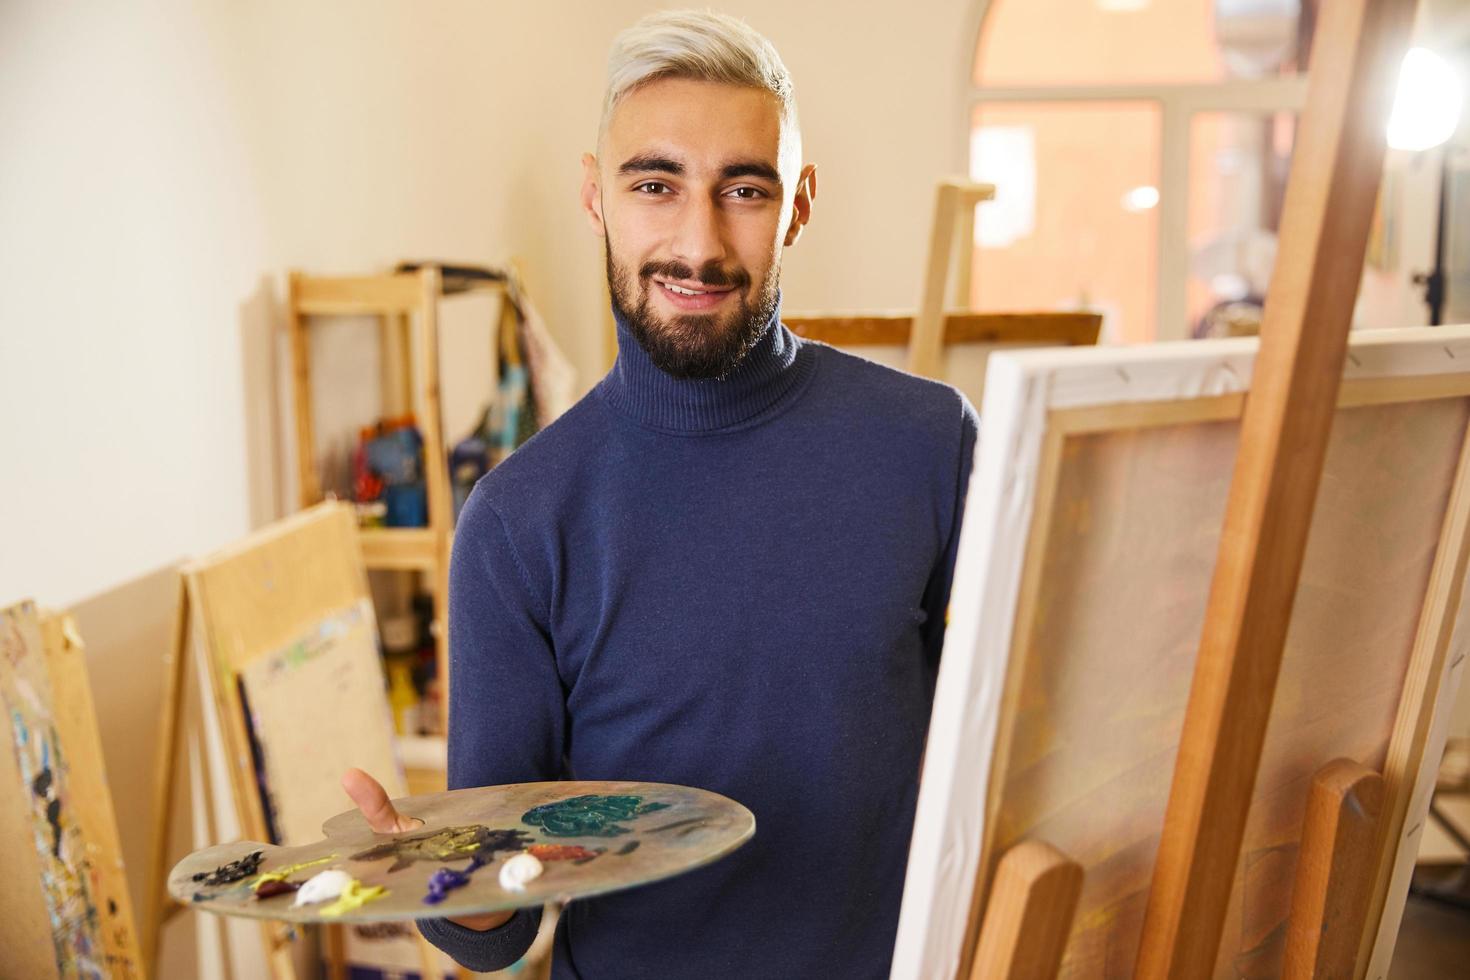 El hombre dibuja una pintura con óleos y sonrisas. foto